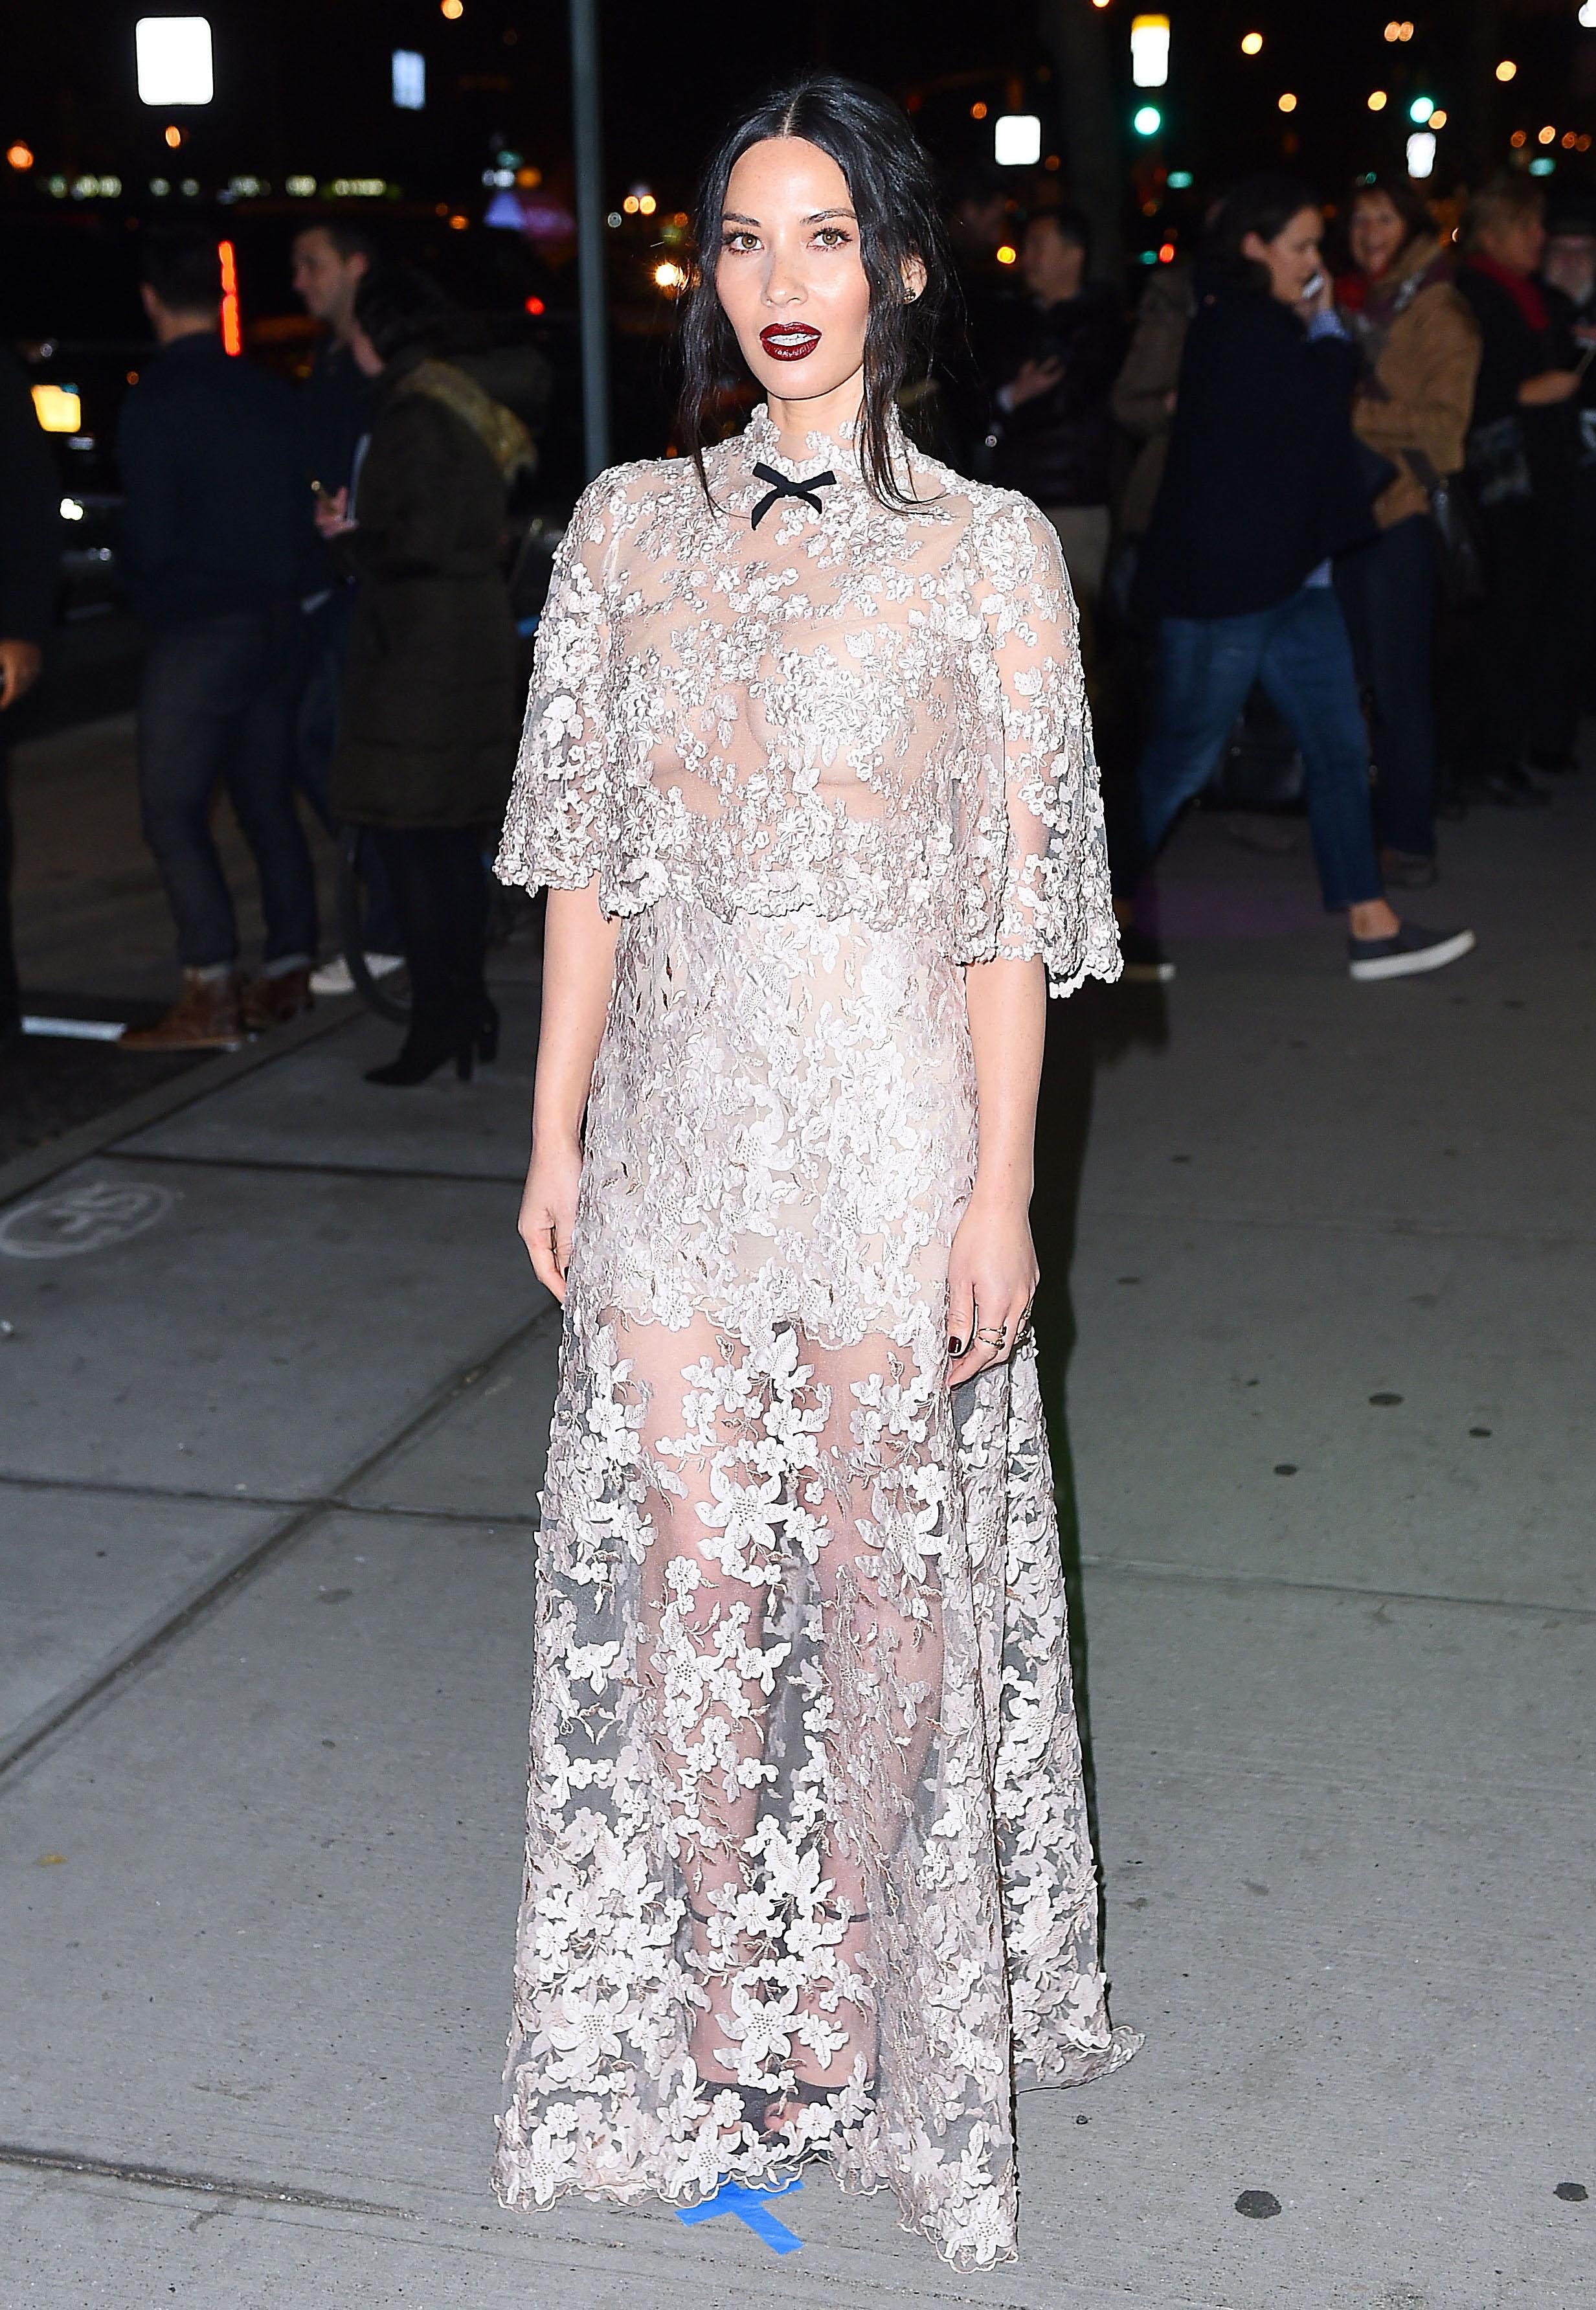 Olivia Munn Looks…Insane, Frankly, in Reem Acra